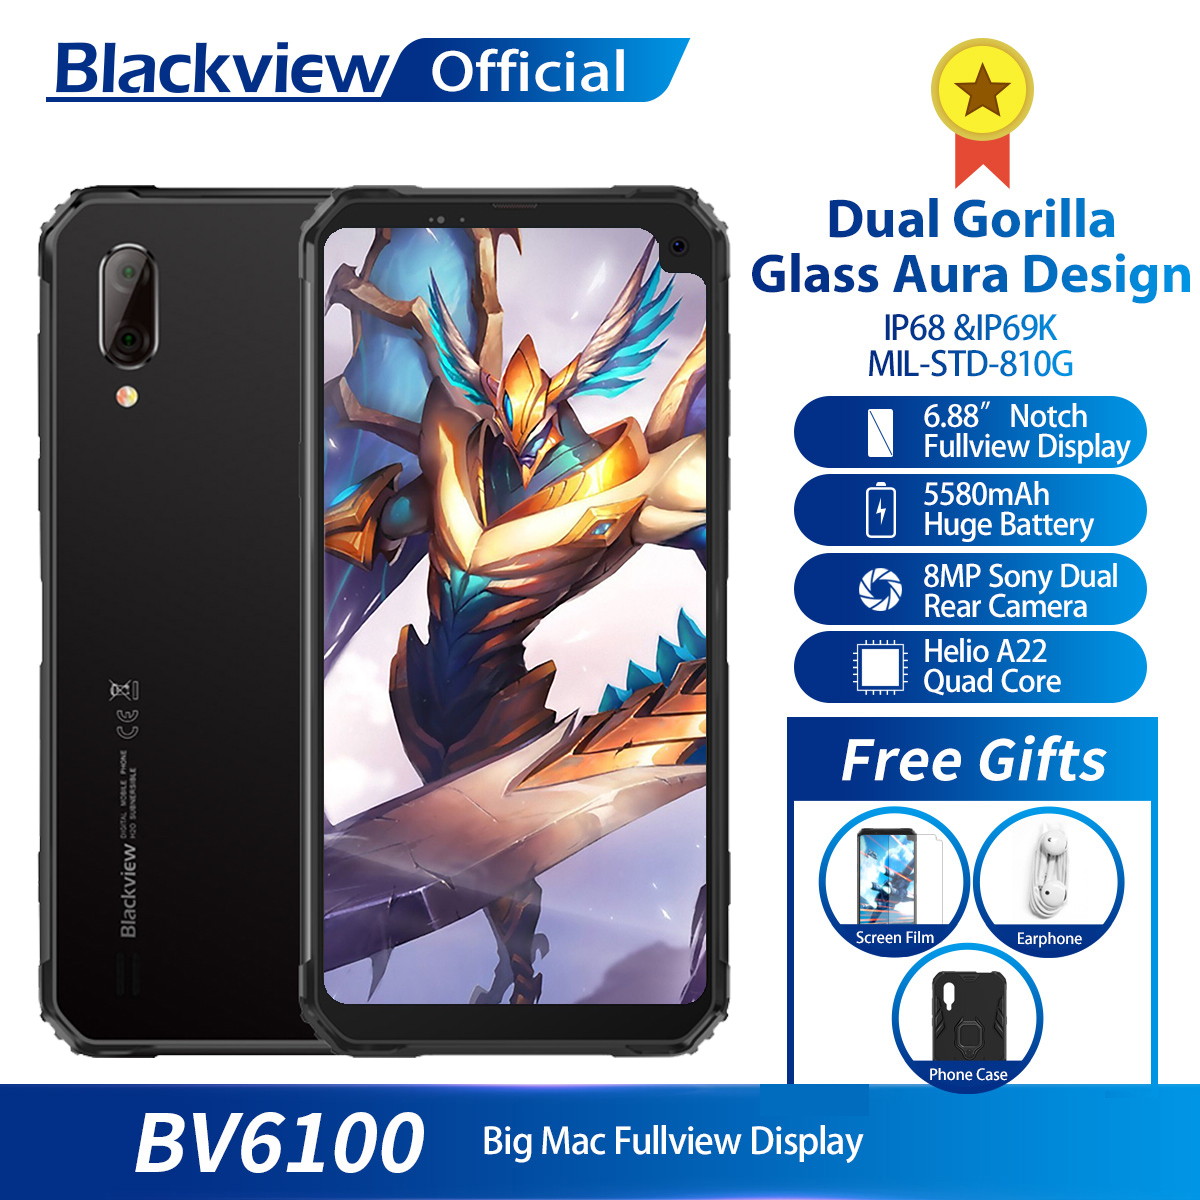 Фото. Blackview BV6100 IP68 водонепроницаемый мобильный телефон 3 ГБ + 16 ГБ Android 9,0 открытый мобильны